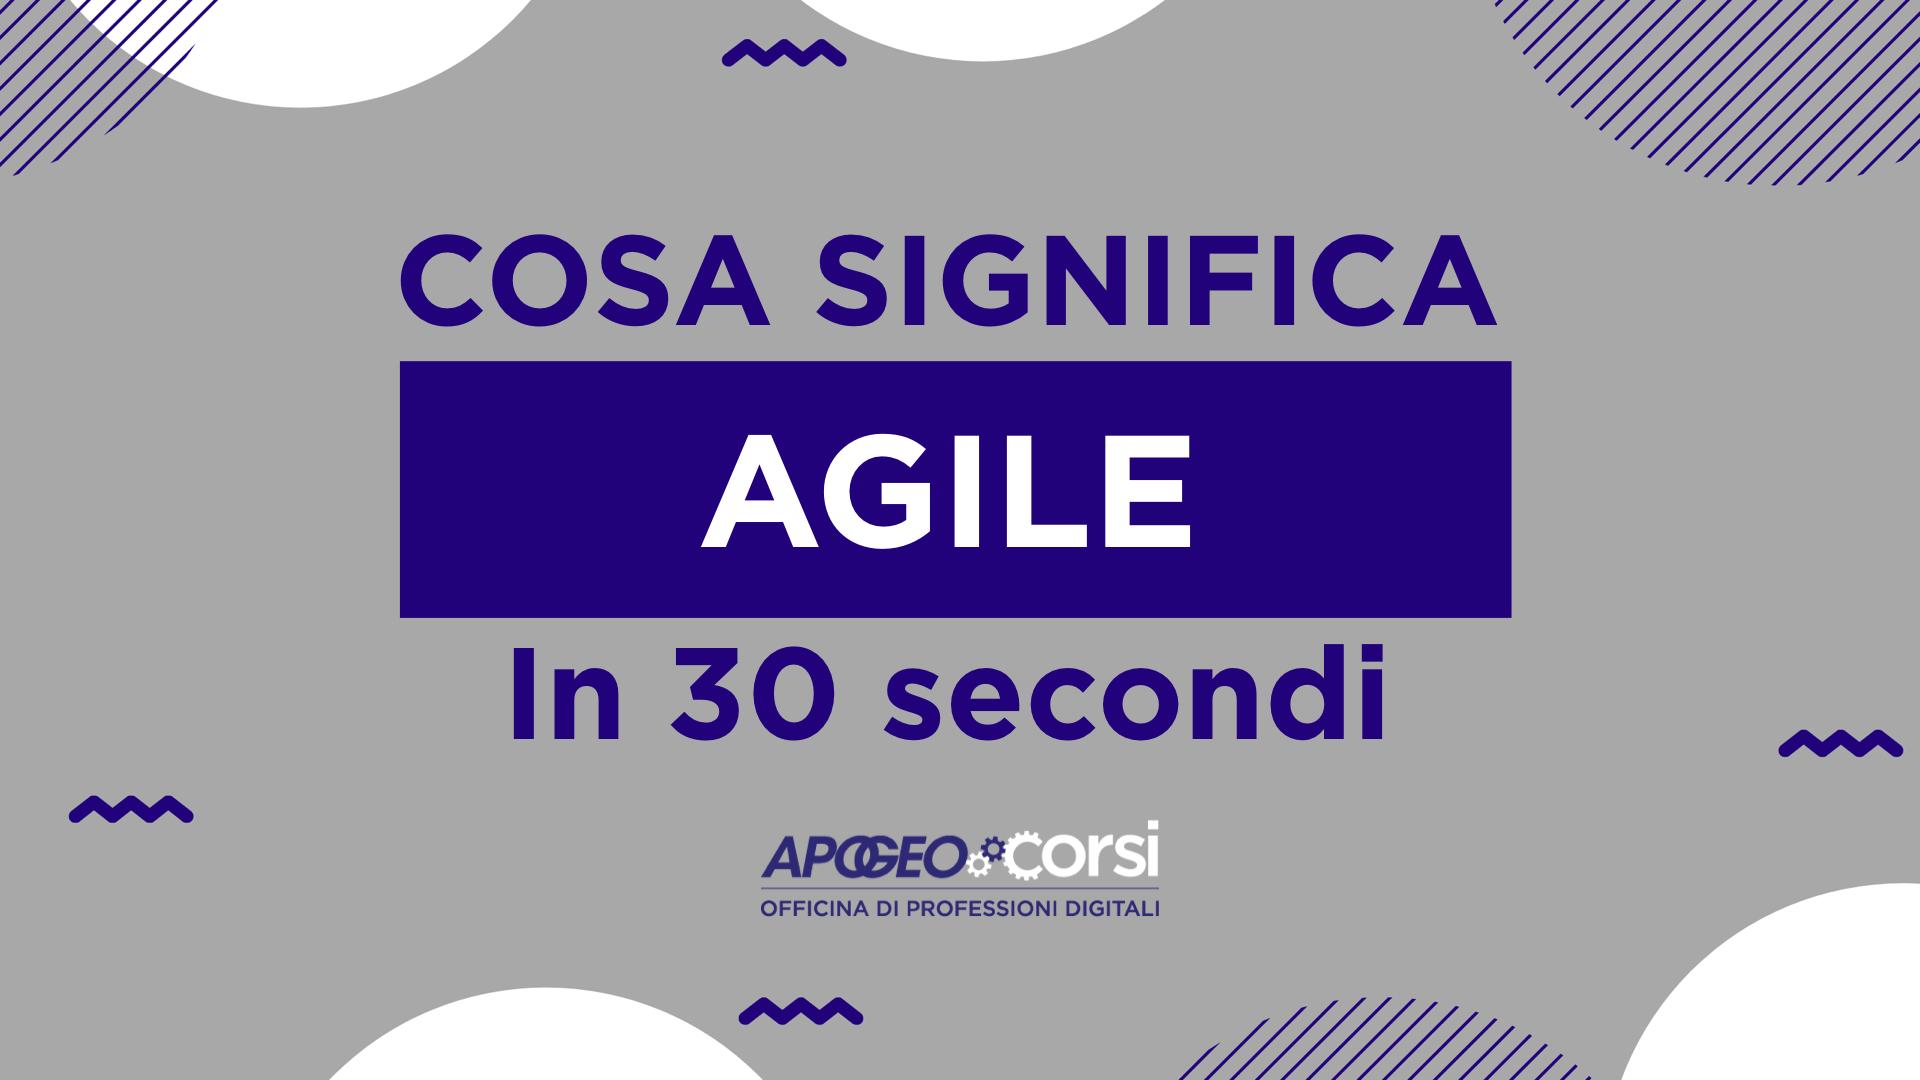 Cosa significa Agile in 30 secondi